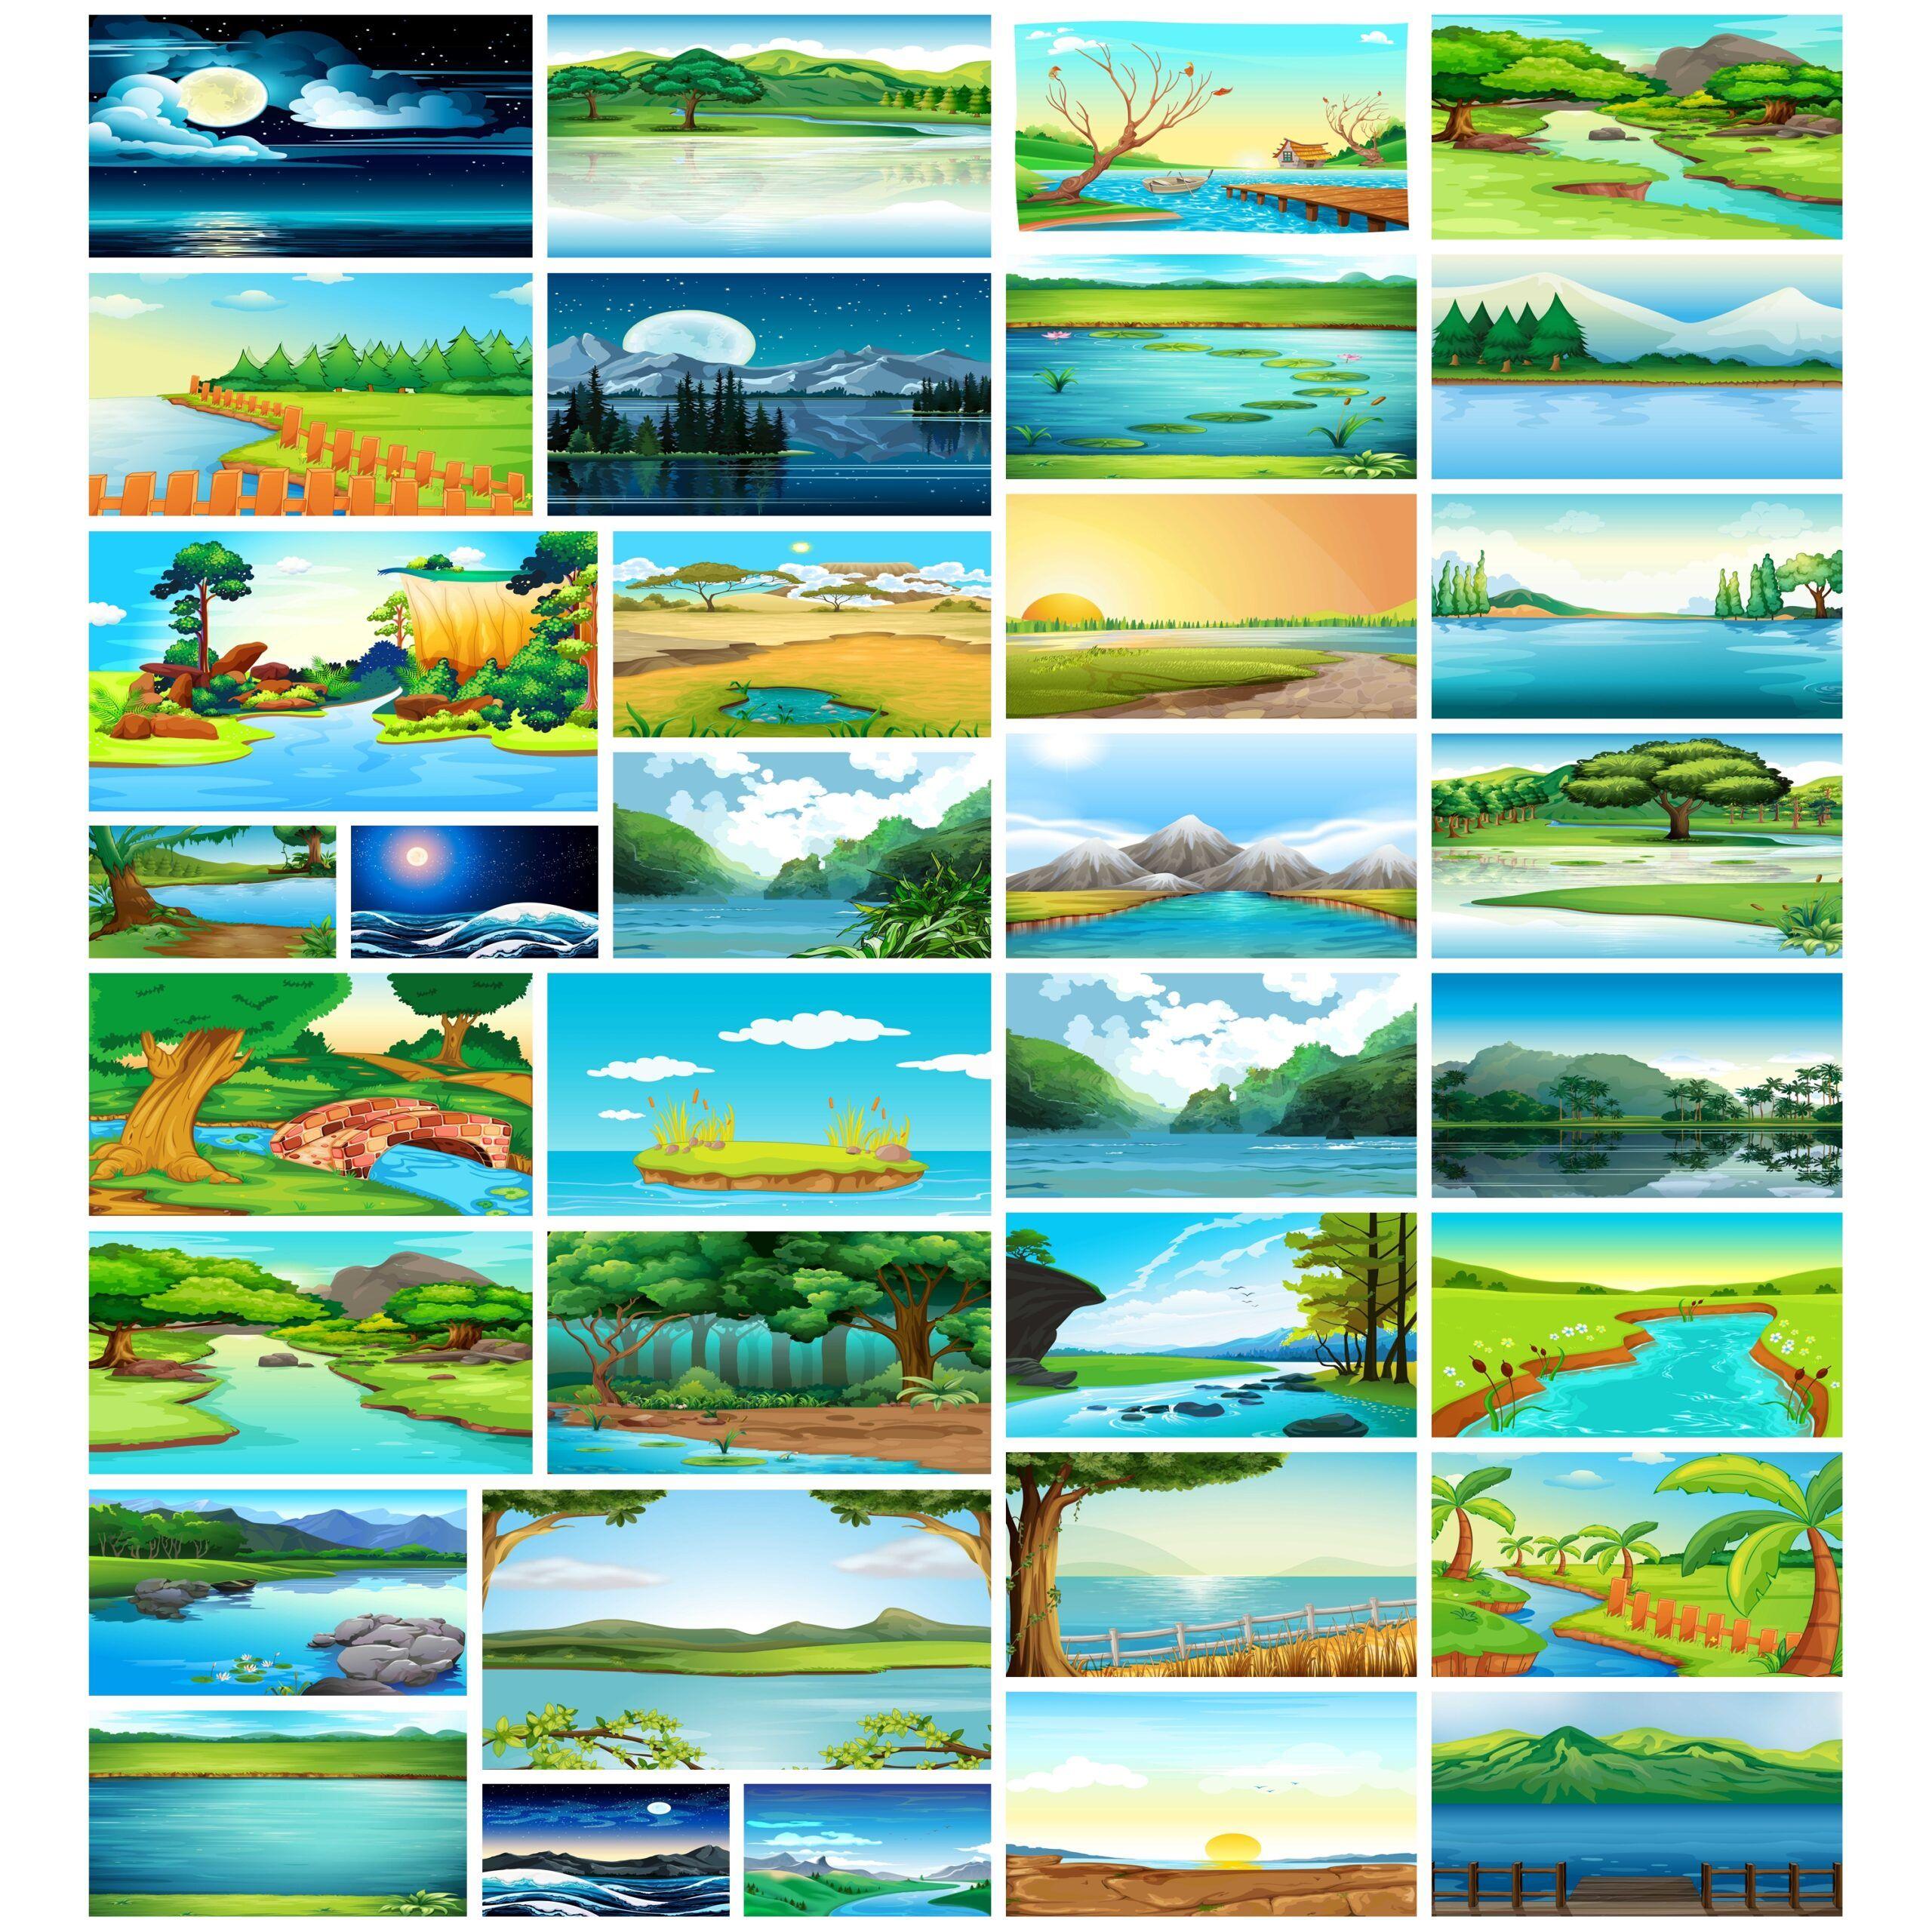 خلفيات ساحرة للبحيرات و الأنهار لعروض البوربوينت In 2021 Zelda Characters Character Fictional Characters